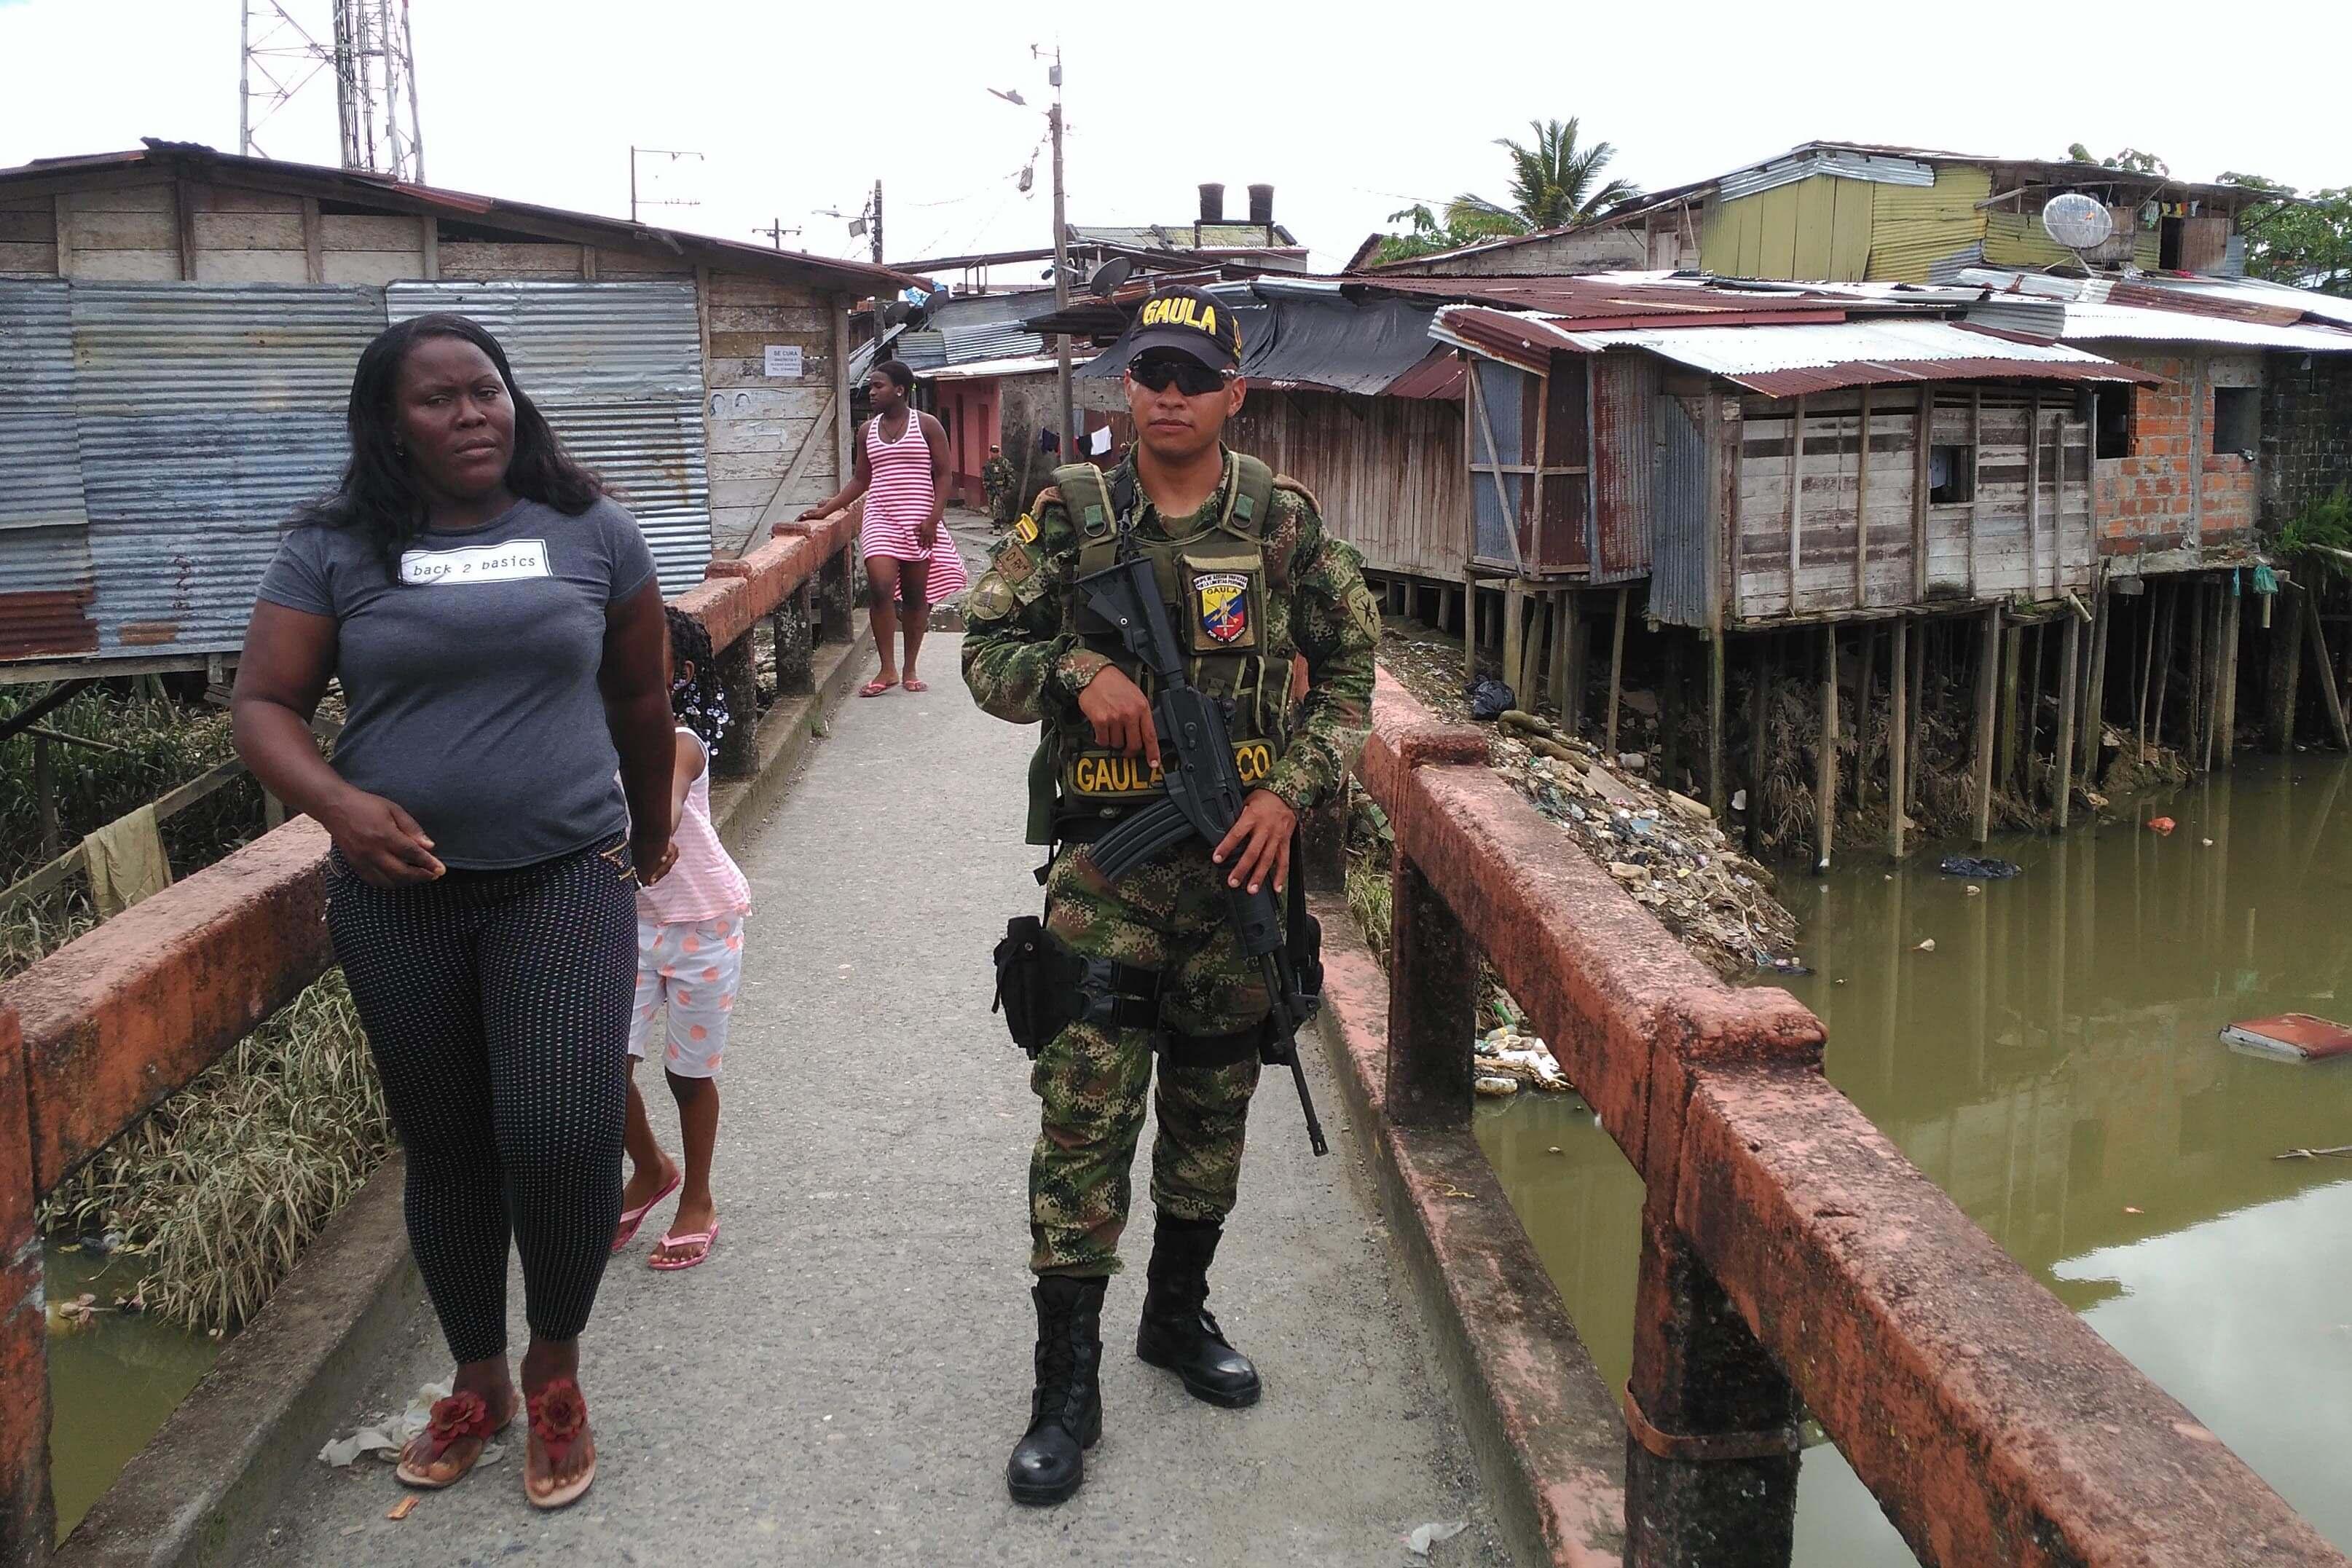 Chocó: la región que pide a gritos un cese definitivo con el ELN